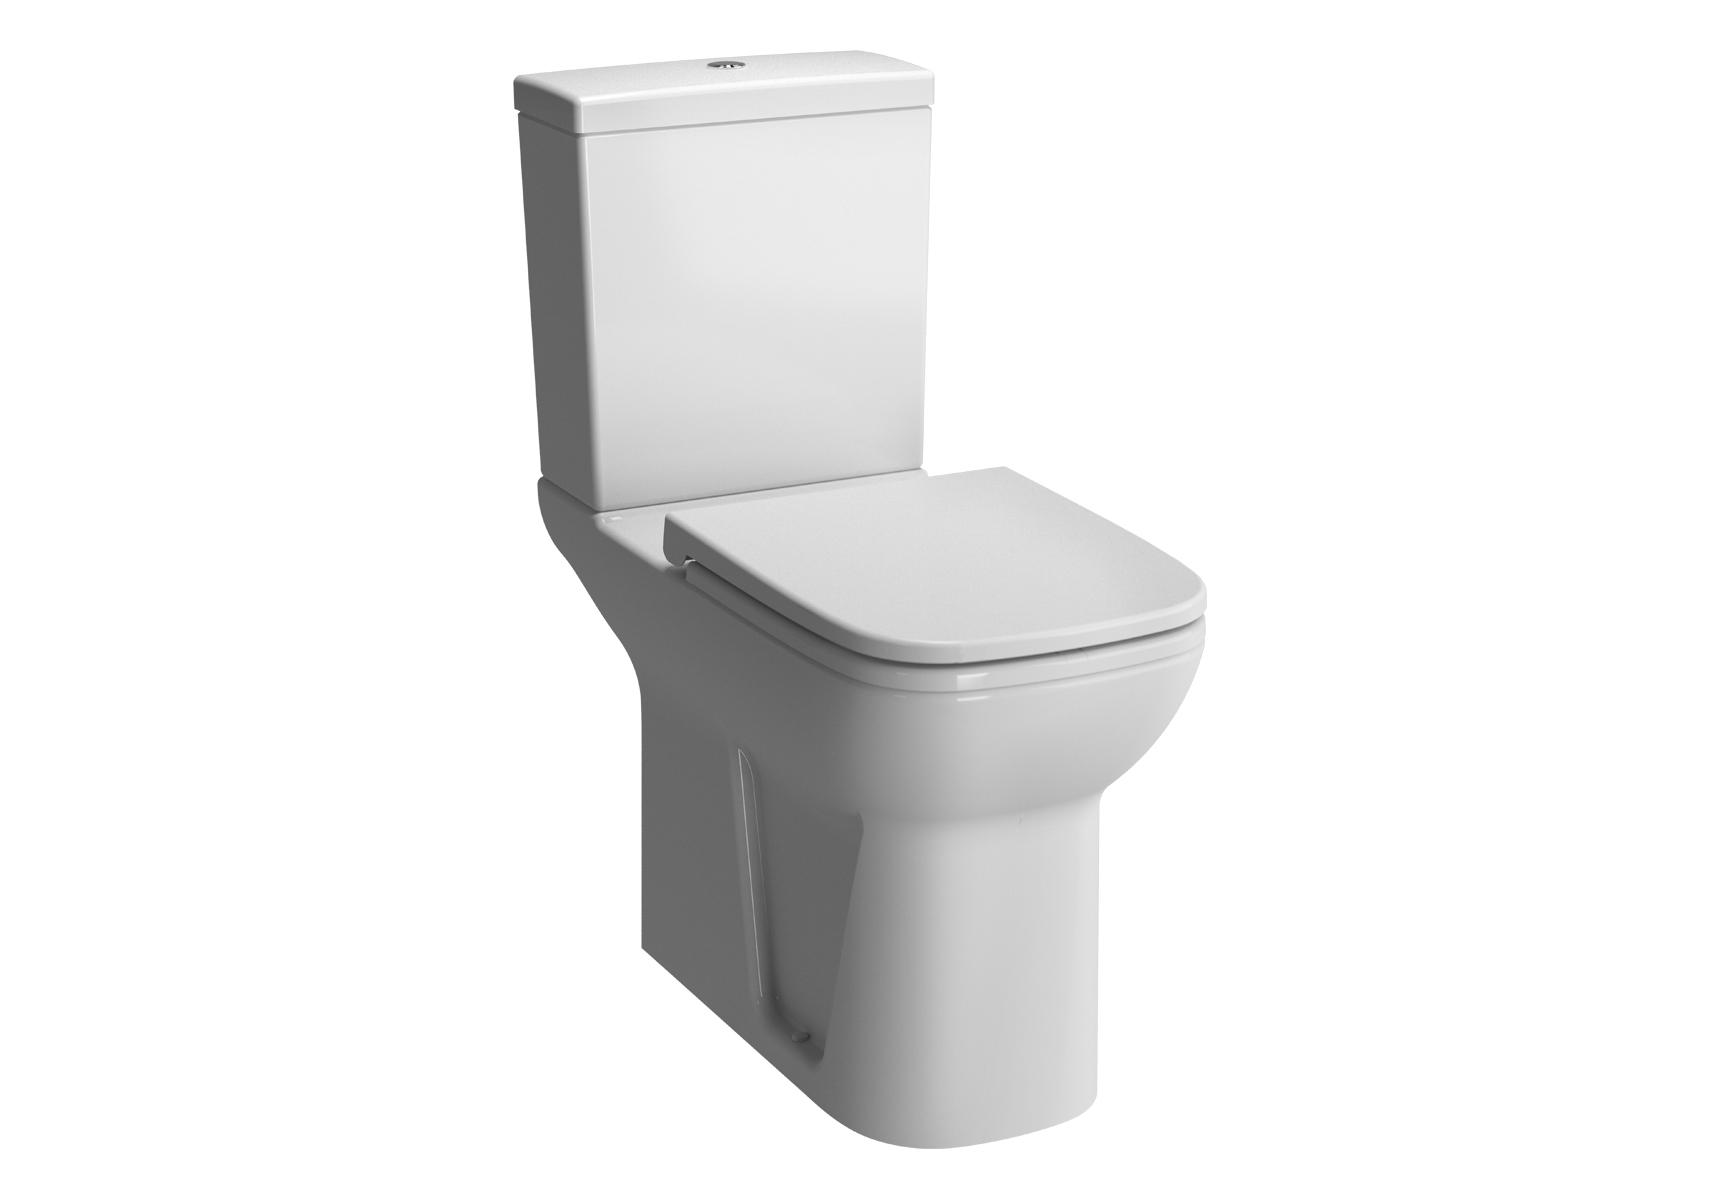 S20 WC à poser avec bride, caréné, avec 4 points d'ancrage, 75,9 cm, blanc